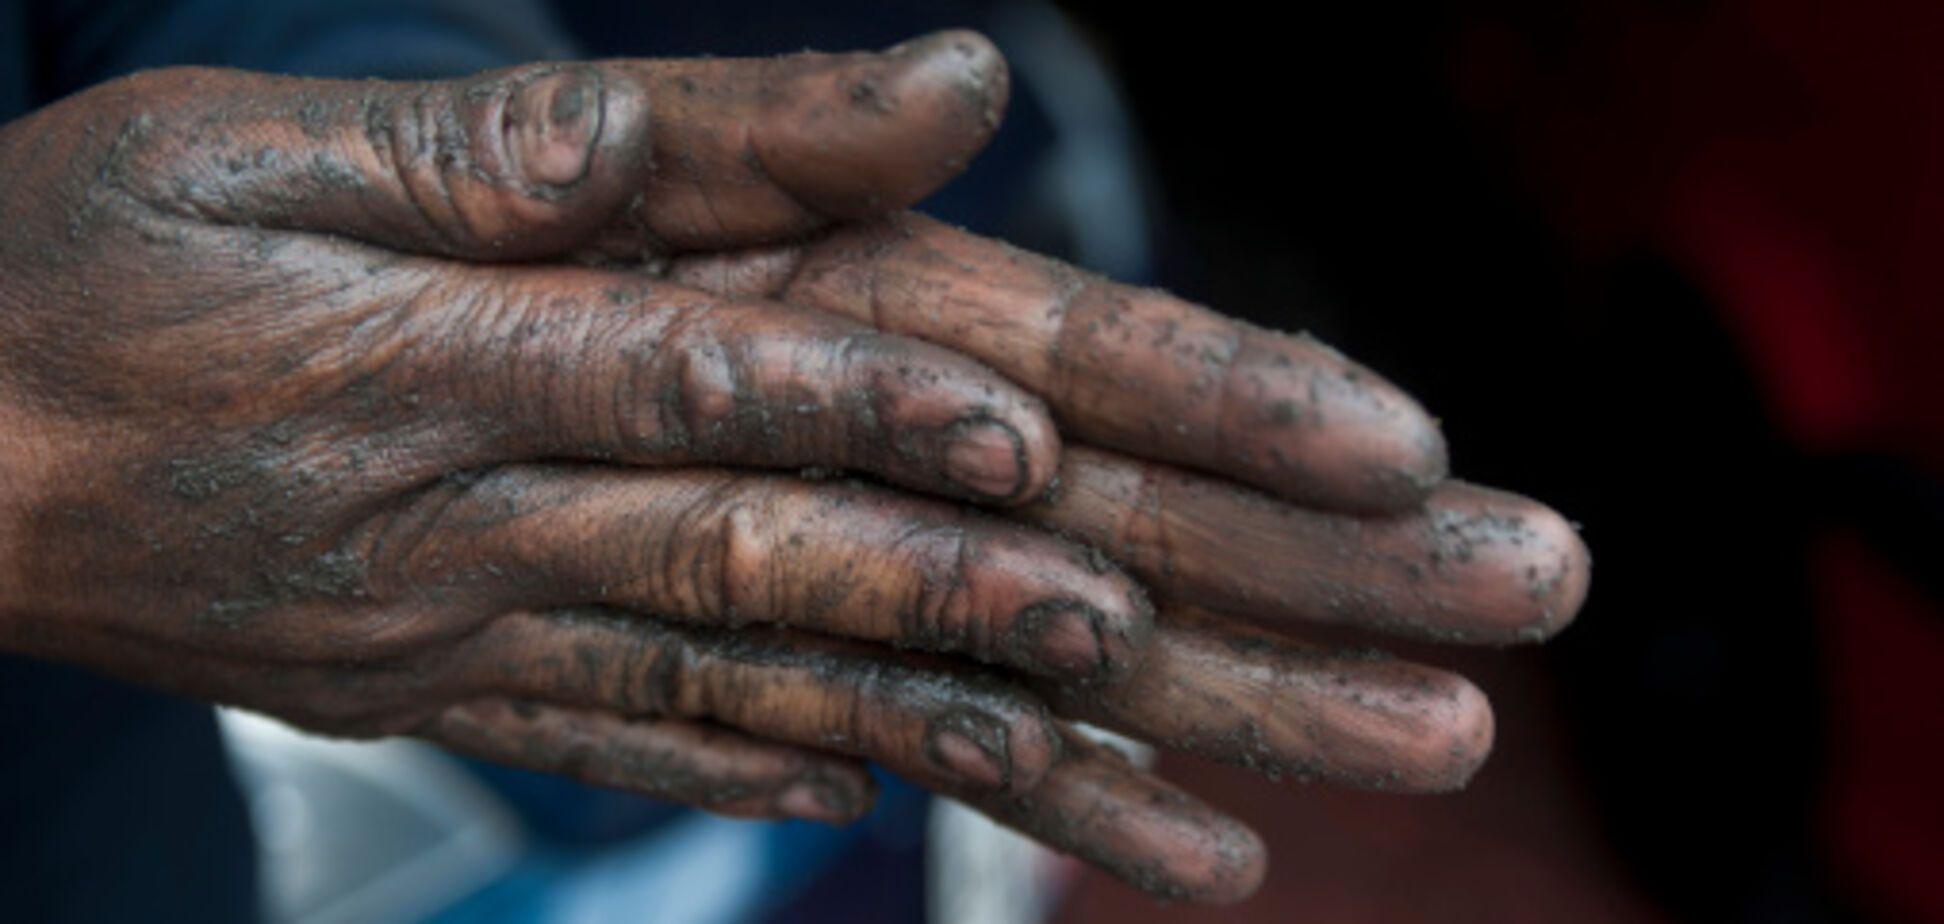 Під Дніпром працівниця школи руками розкладала їжу дітям: сплив важливий момент